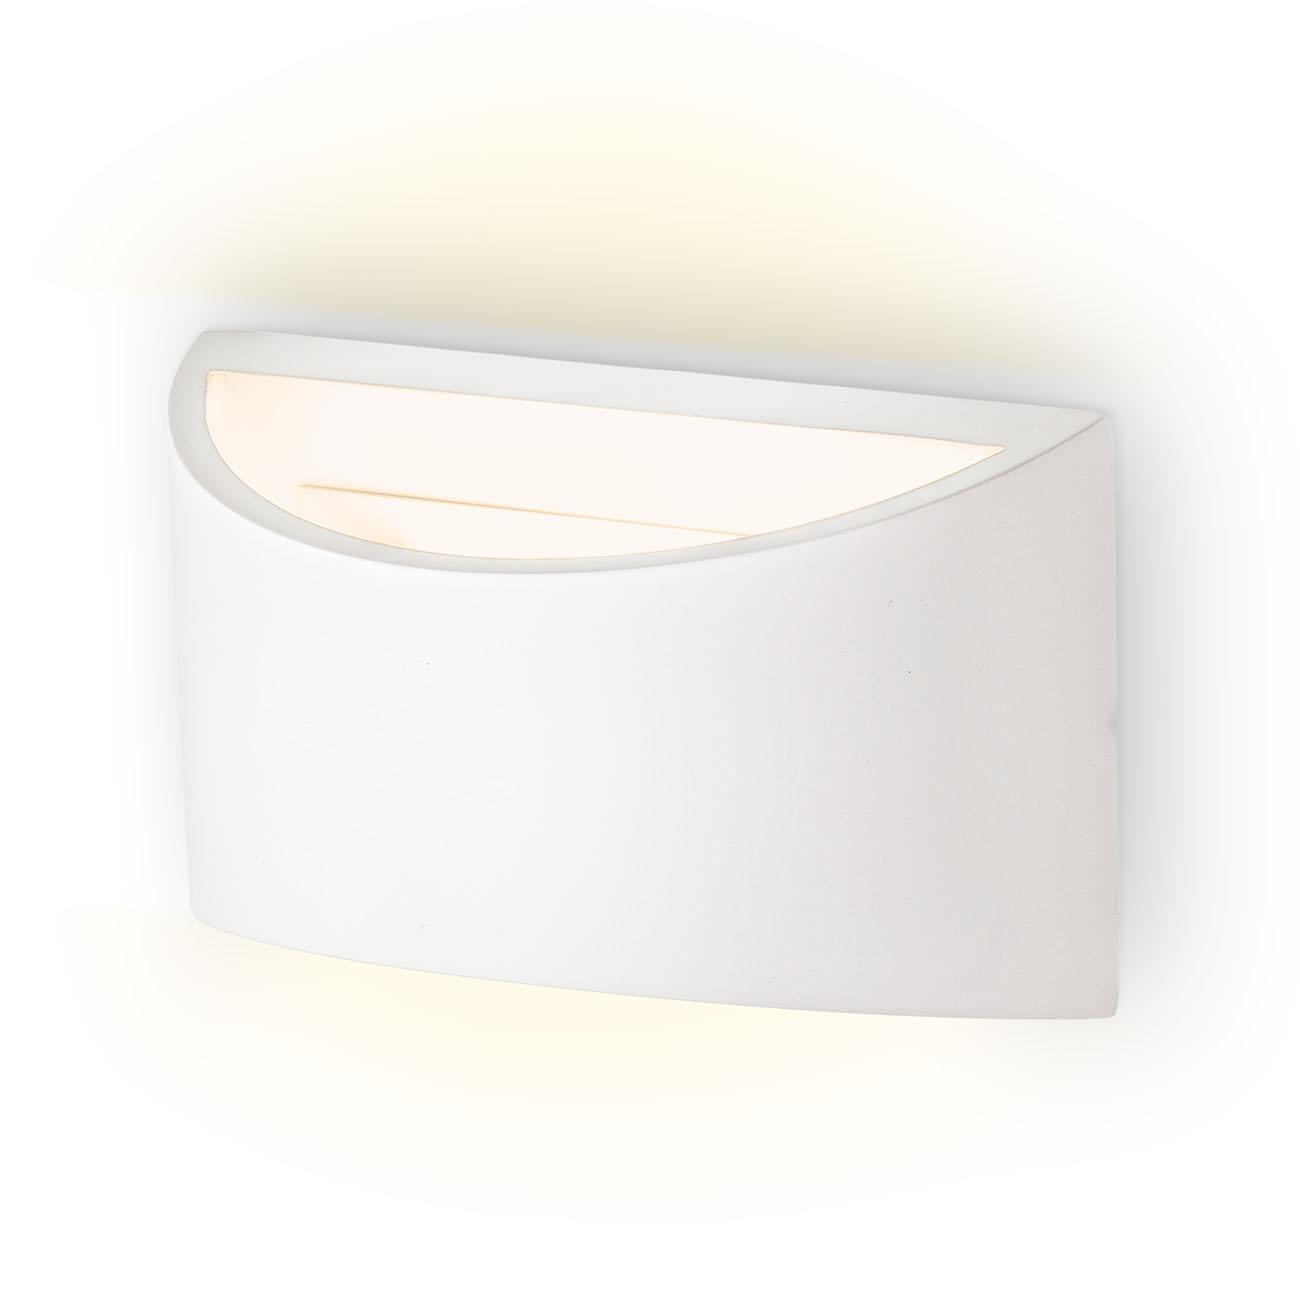 Wandleuchte DIY Gipslampe 1-flammig weiß G9